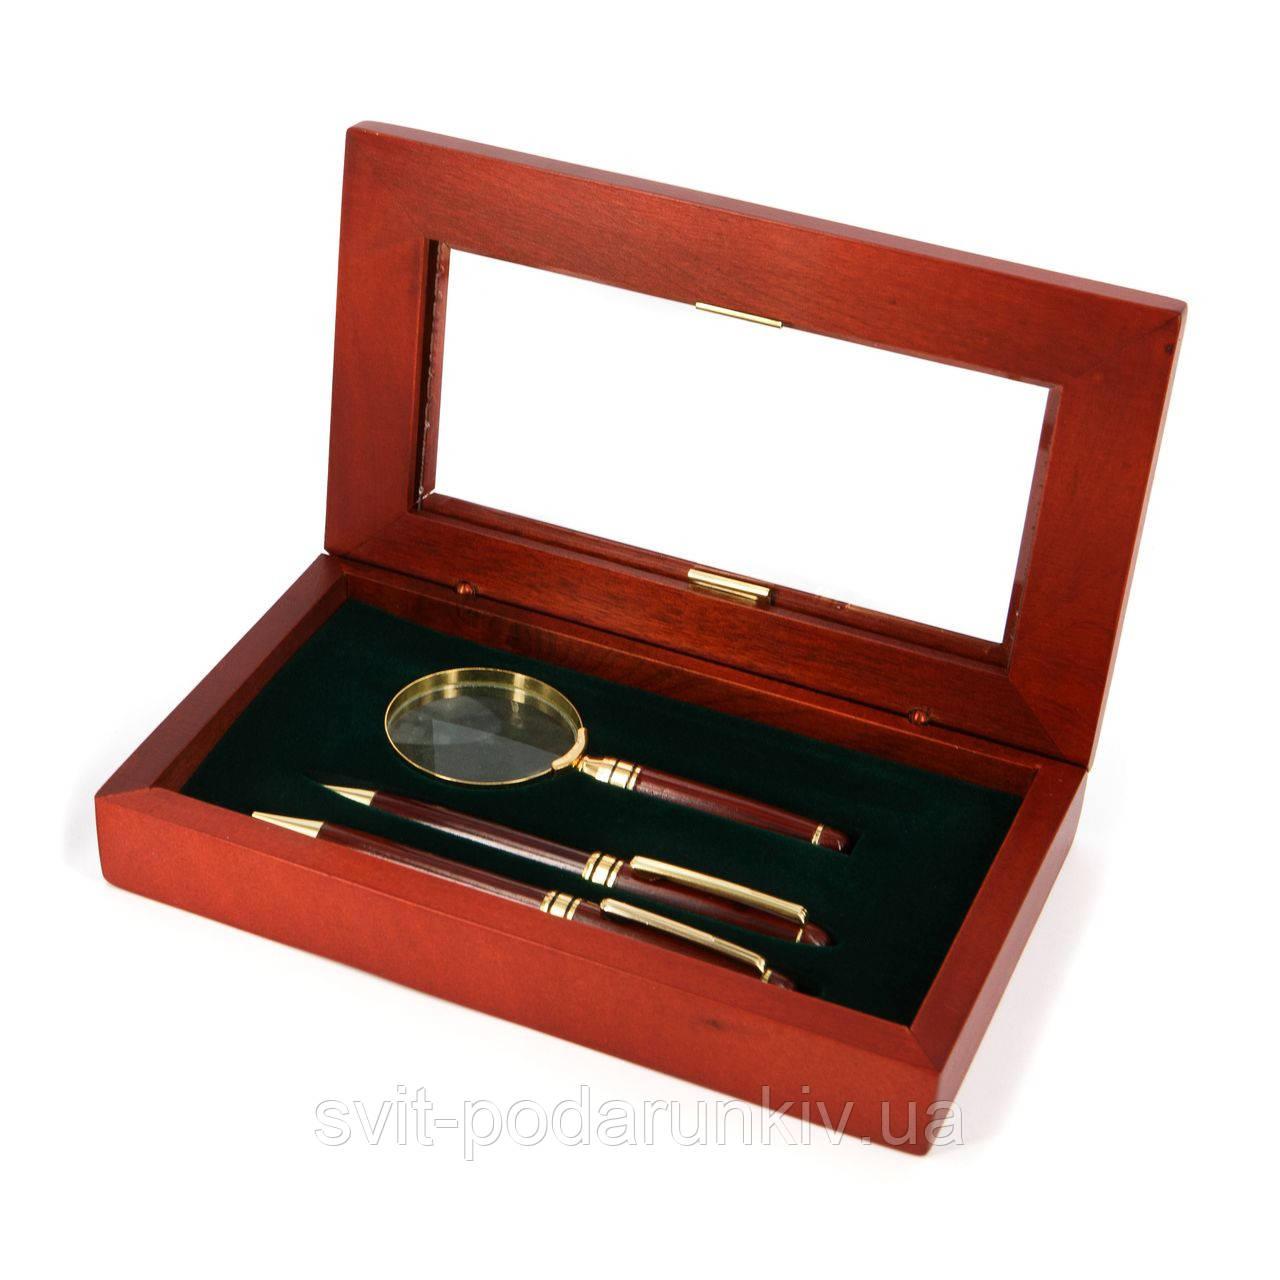 Набор для руководителя подарочный: стильная ручка, механический карандаш и увеличительная линза 73S101BMG